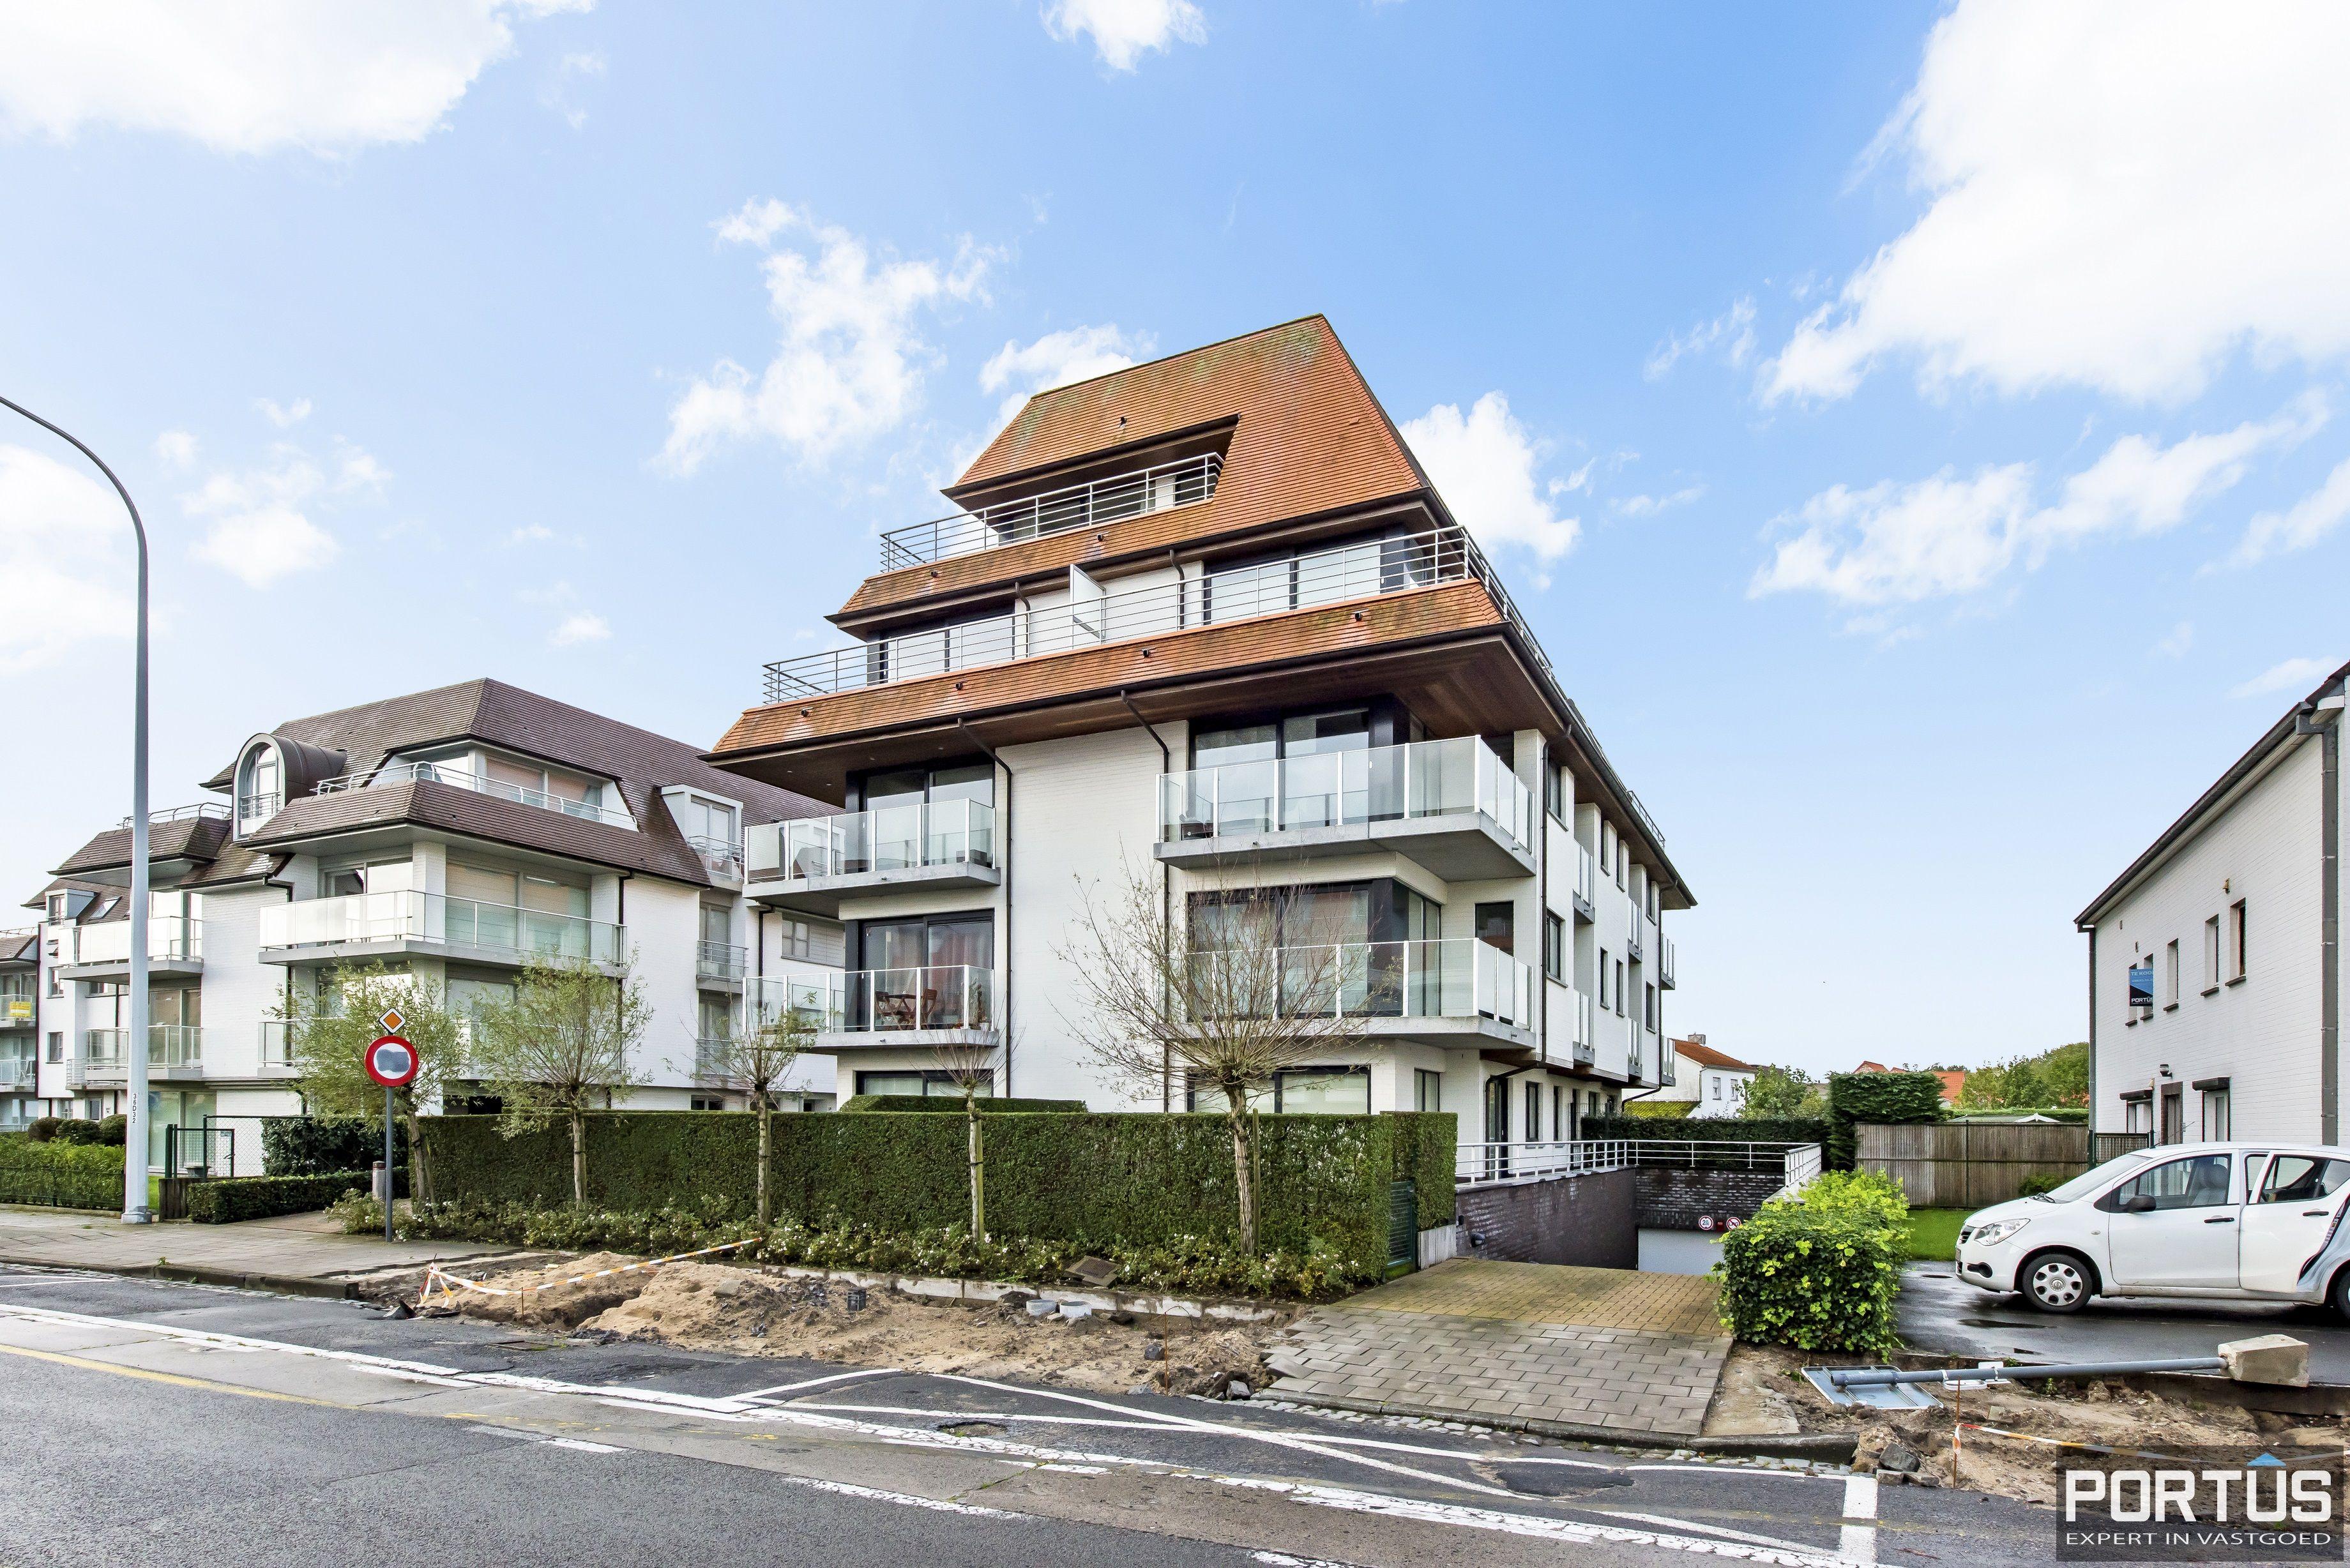 Instapklaar zongericht appartement met 2 slaapkamers te koop in Nieuwpoort - 10012